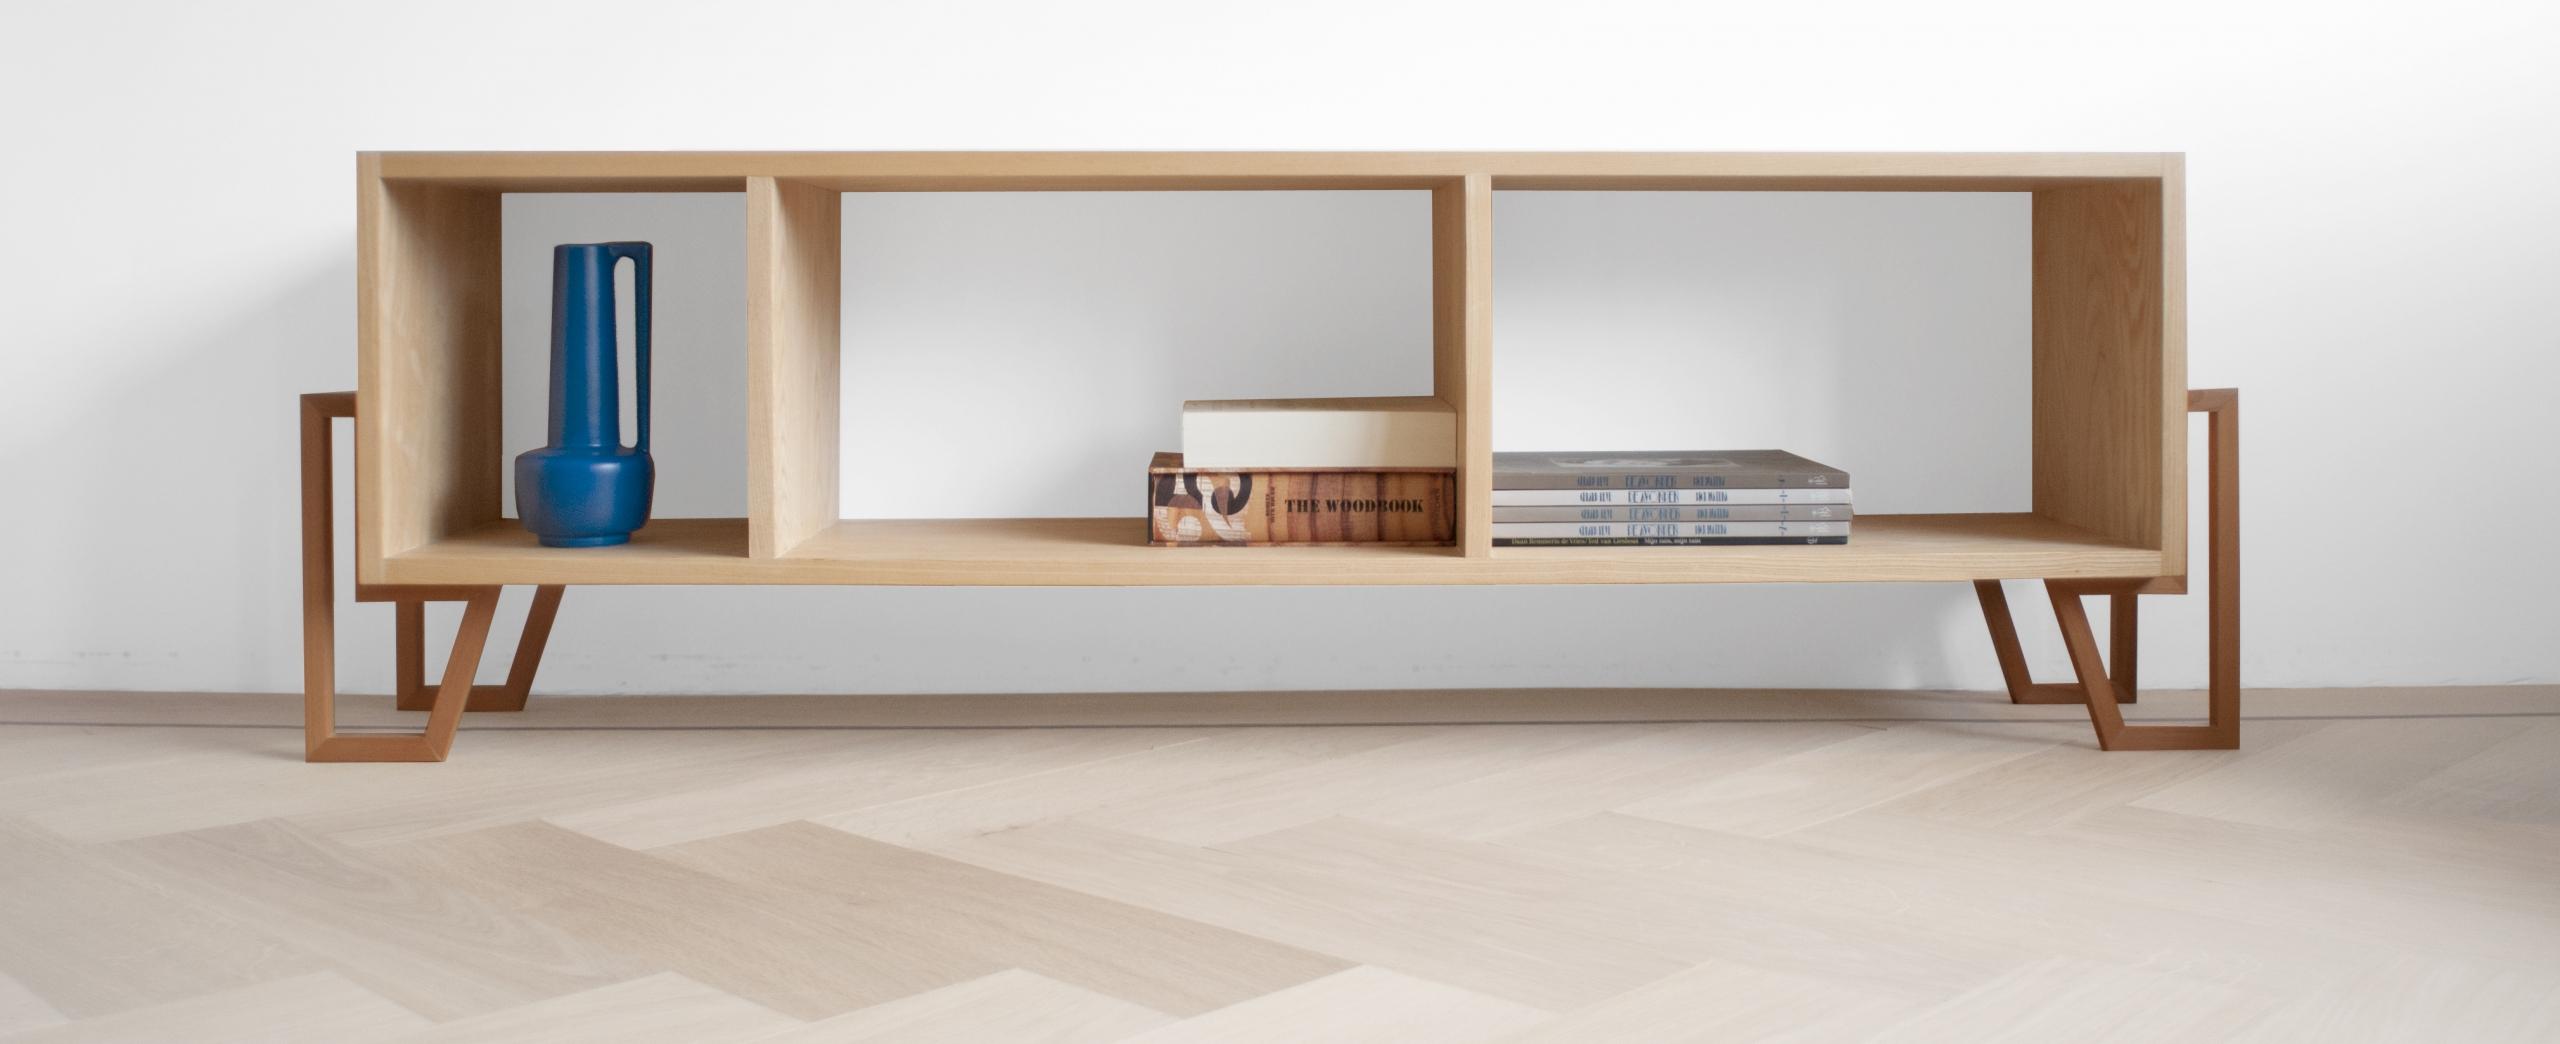 Dressoir van Binkmeubel, een meubelmaker uit Rotterdam.